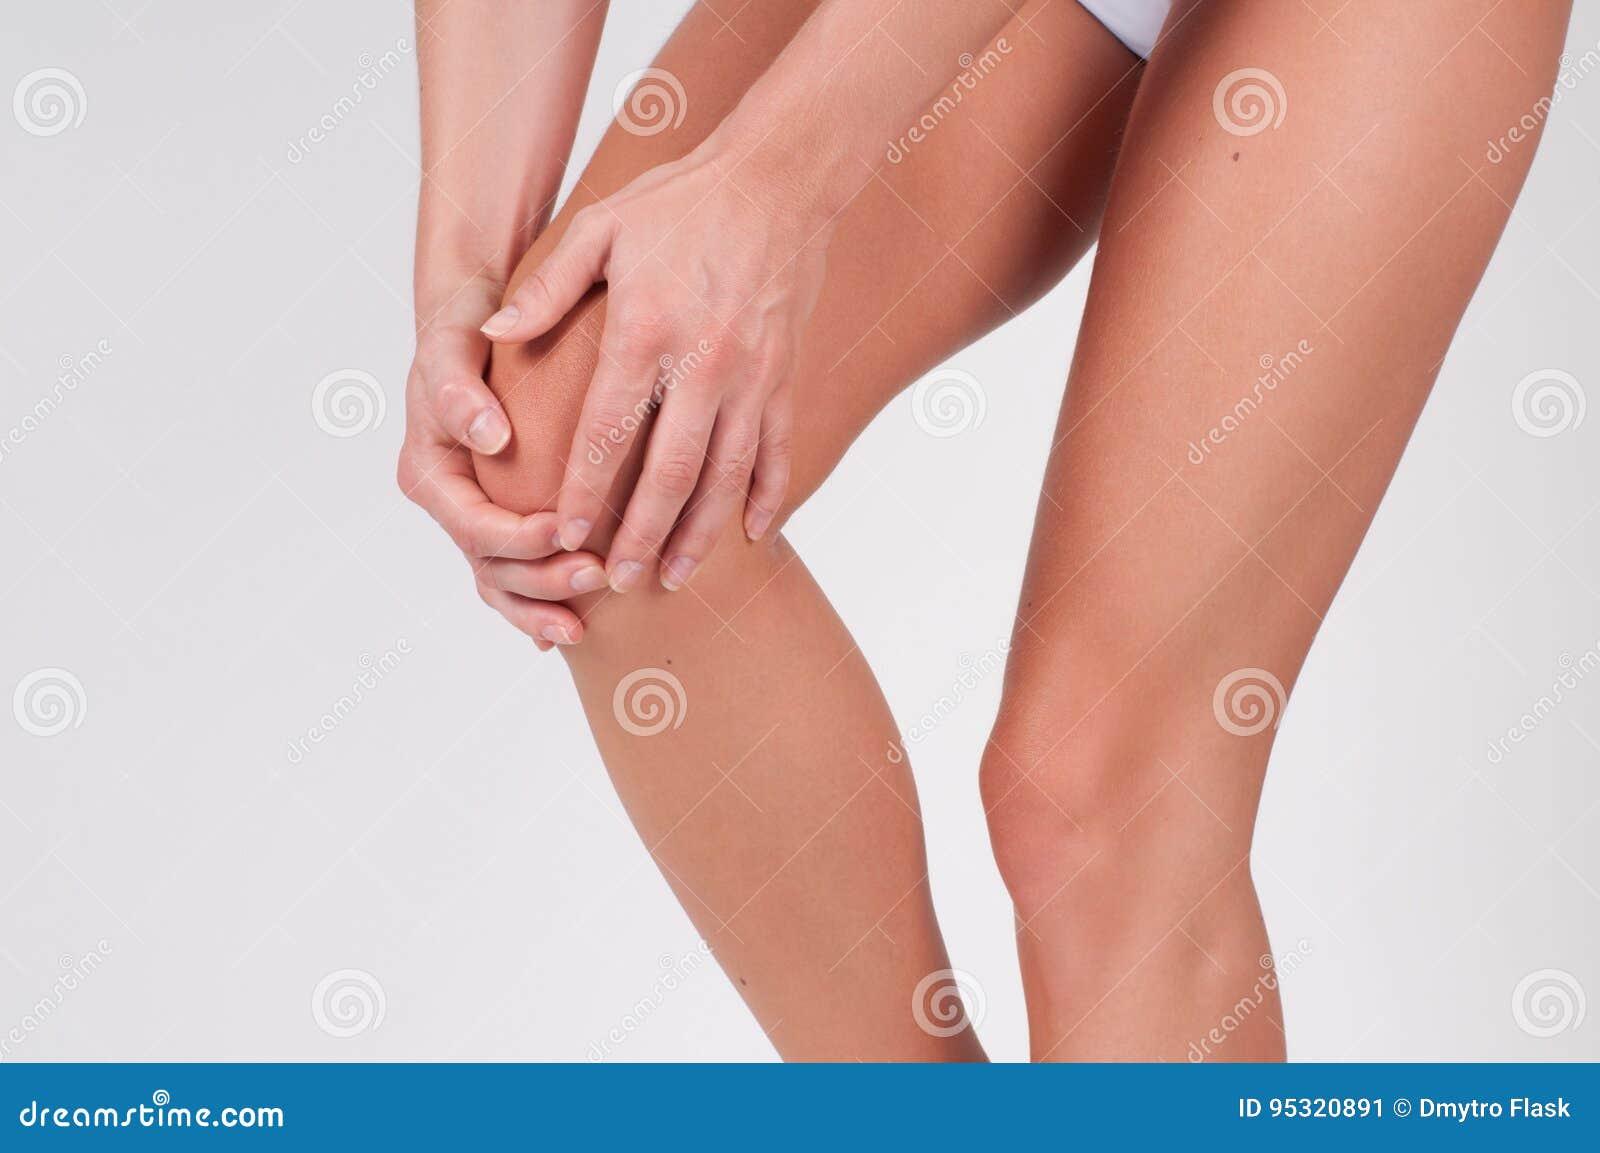 Dolor de piernas y manos